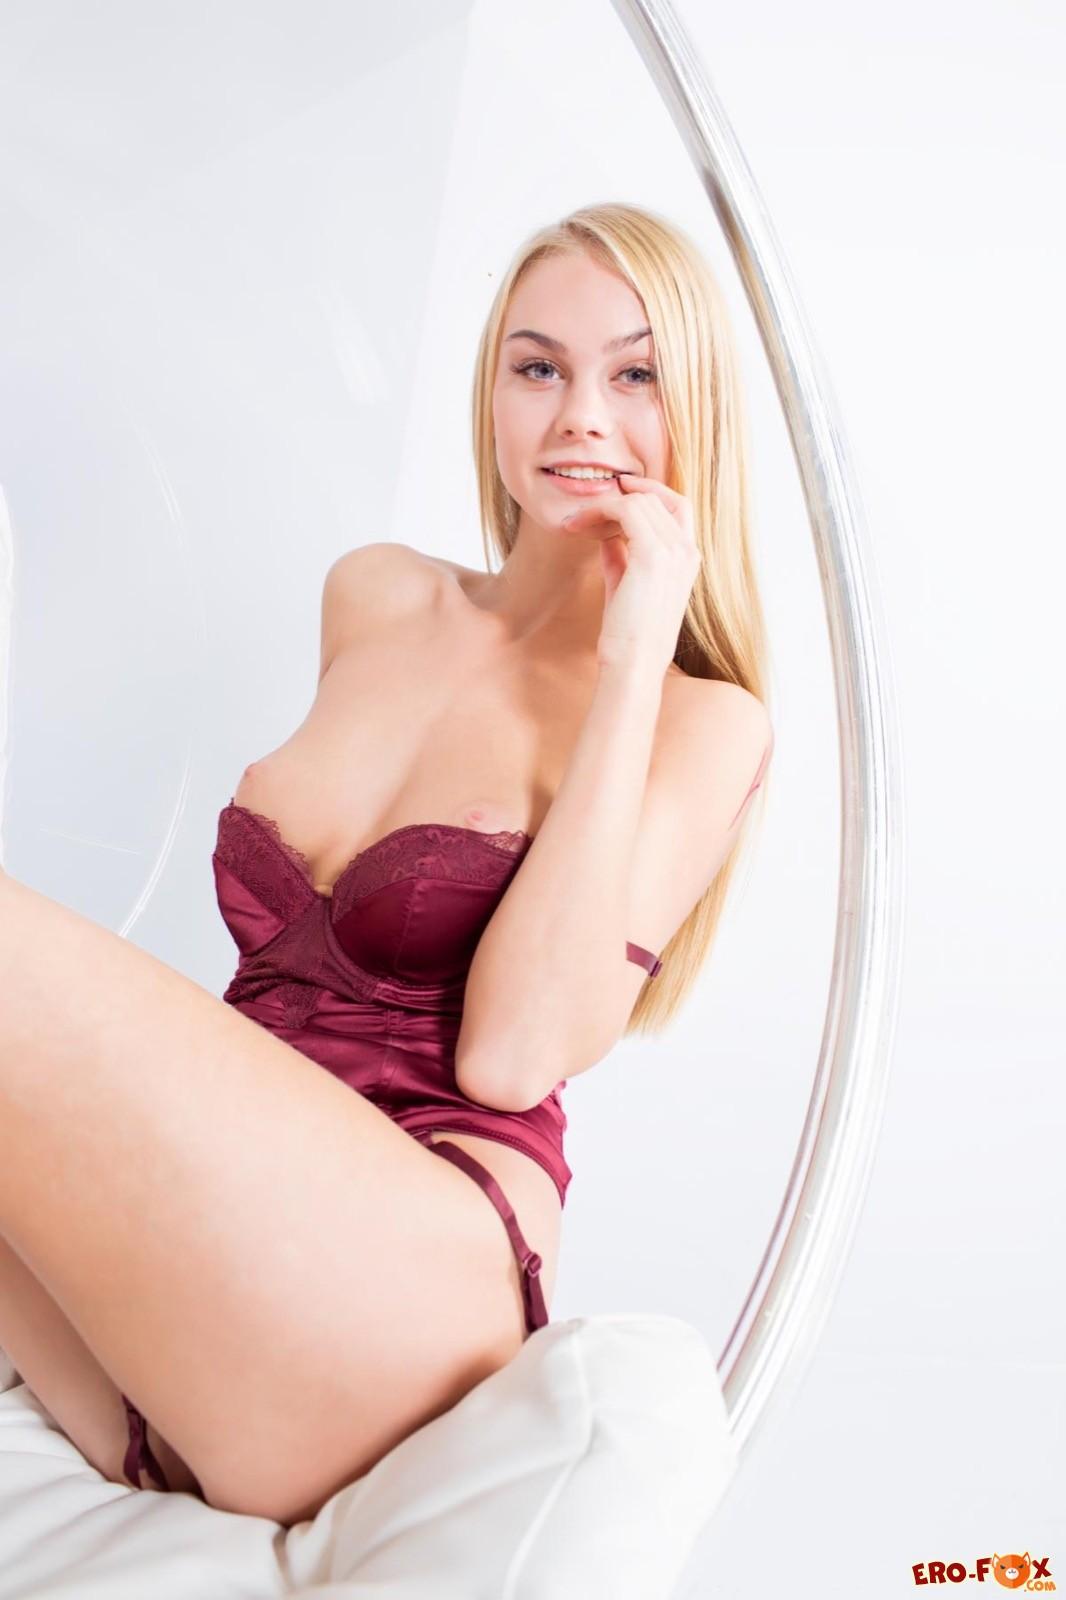 Сексуальная блондинка с бритой писей